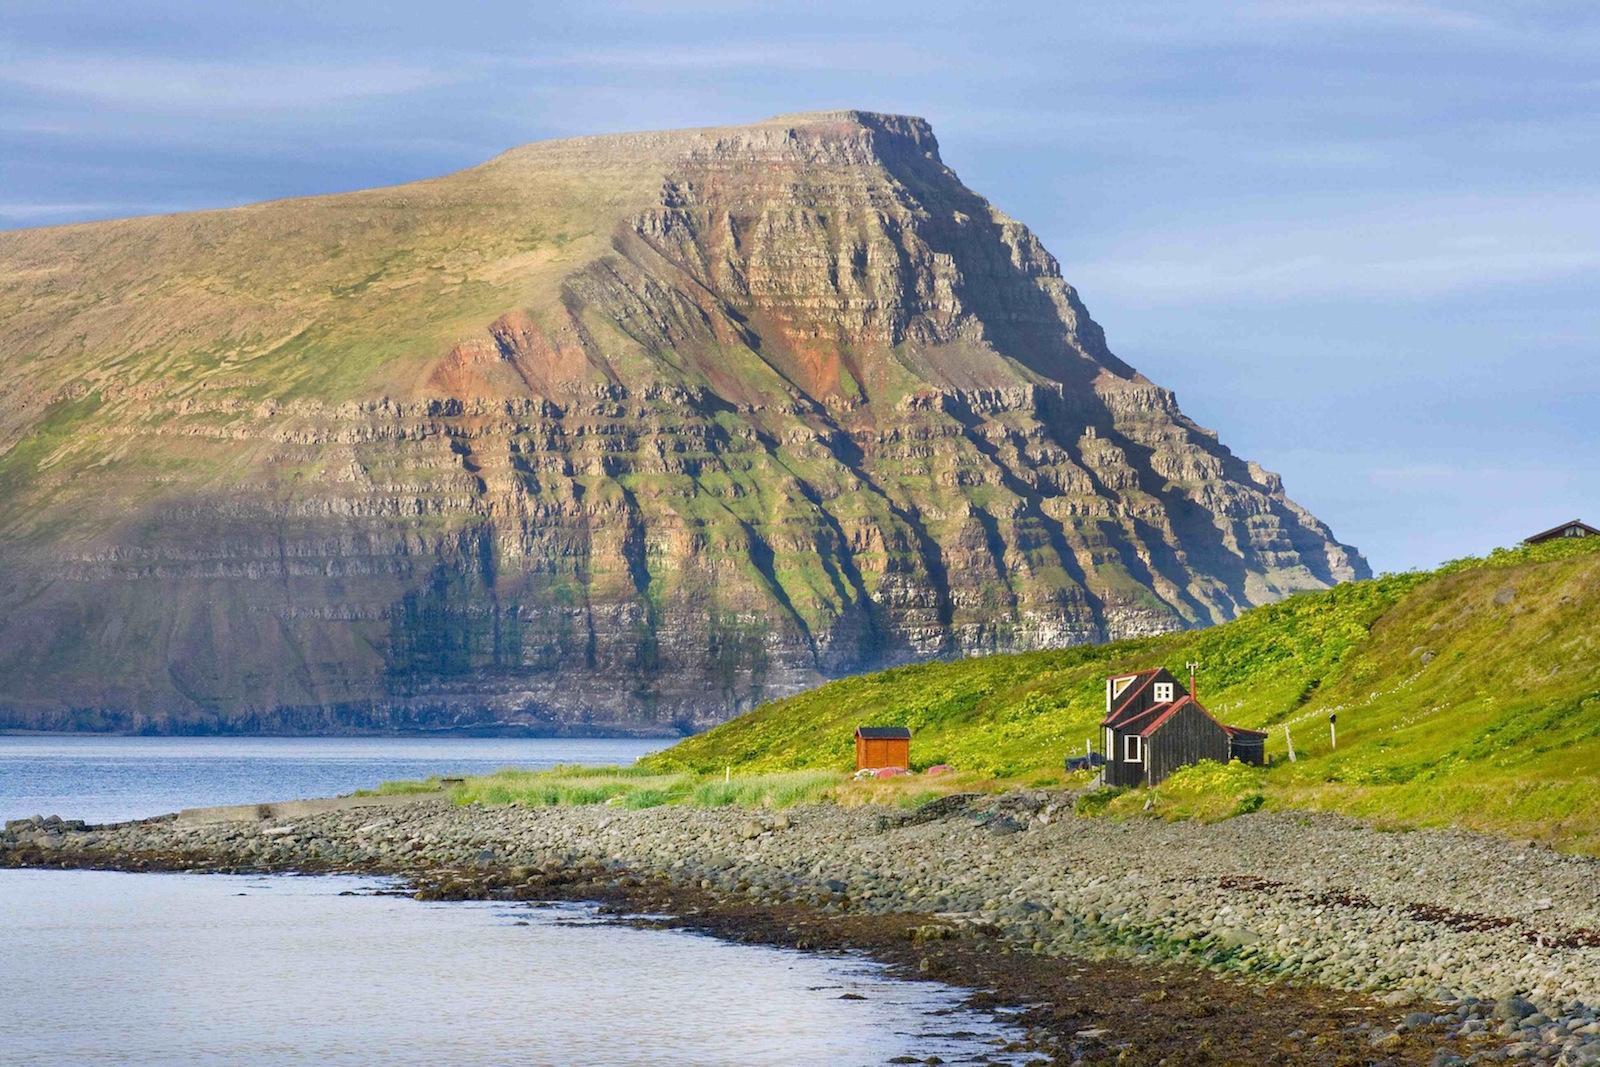 Mökki rantamaisemilla! Islannin vuokramökit tosin usein sijaitsevat hyvien tieyhteyksien varressa. (Kuva: Björgvin Hilmarsson)